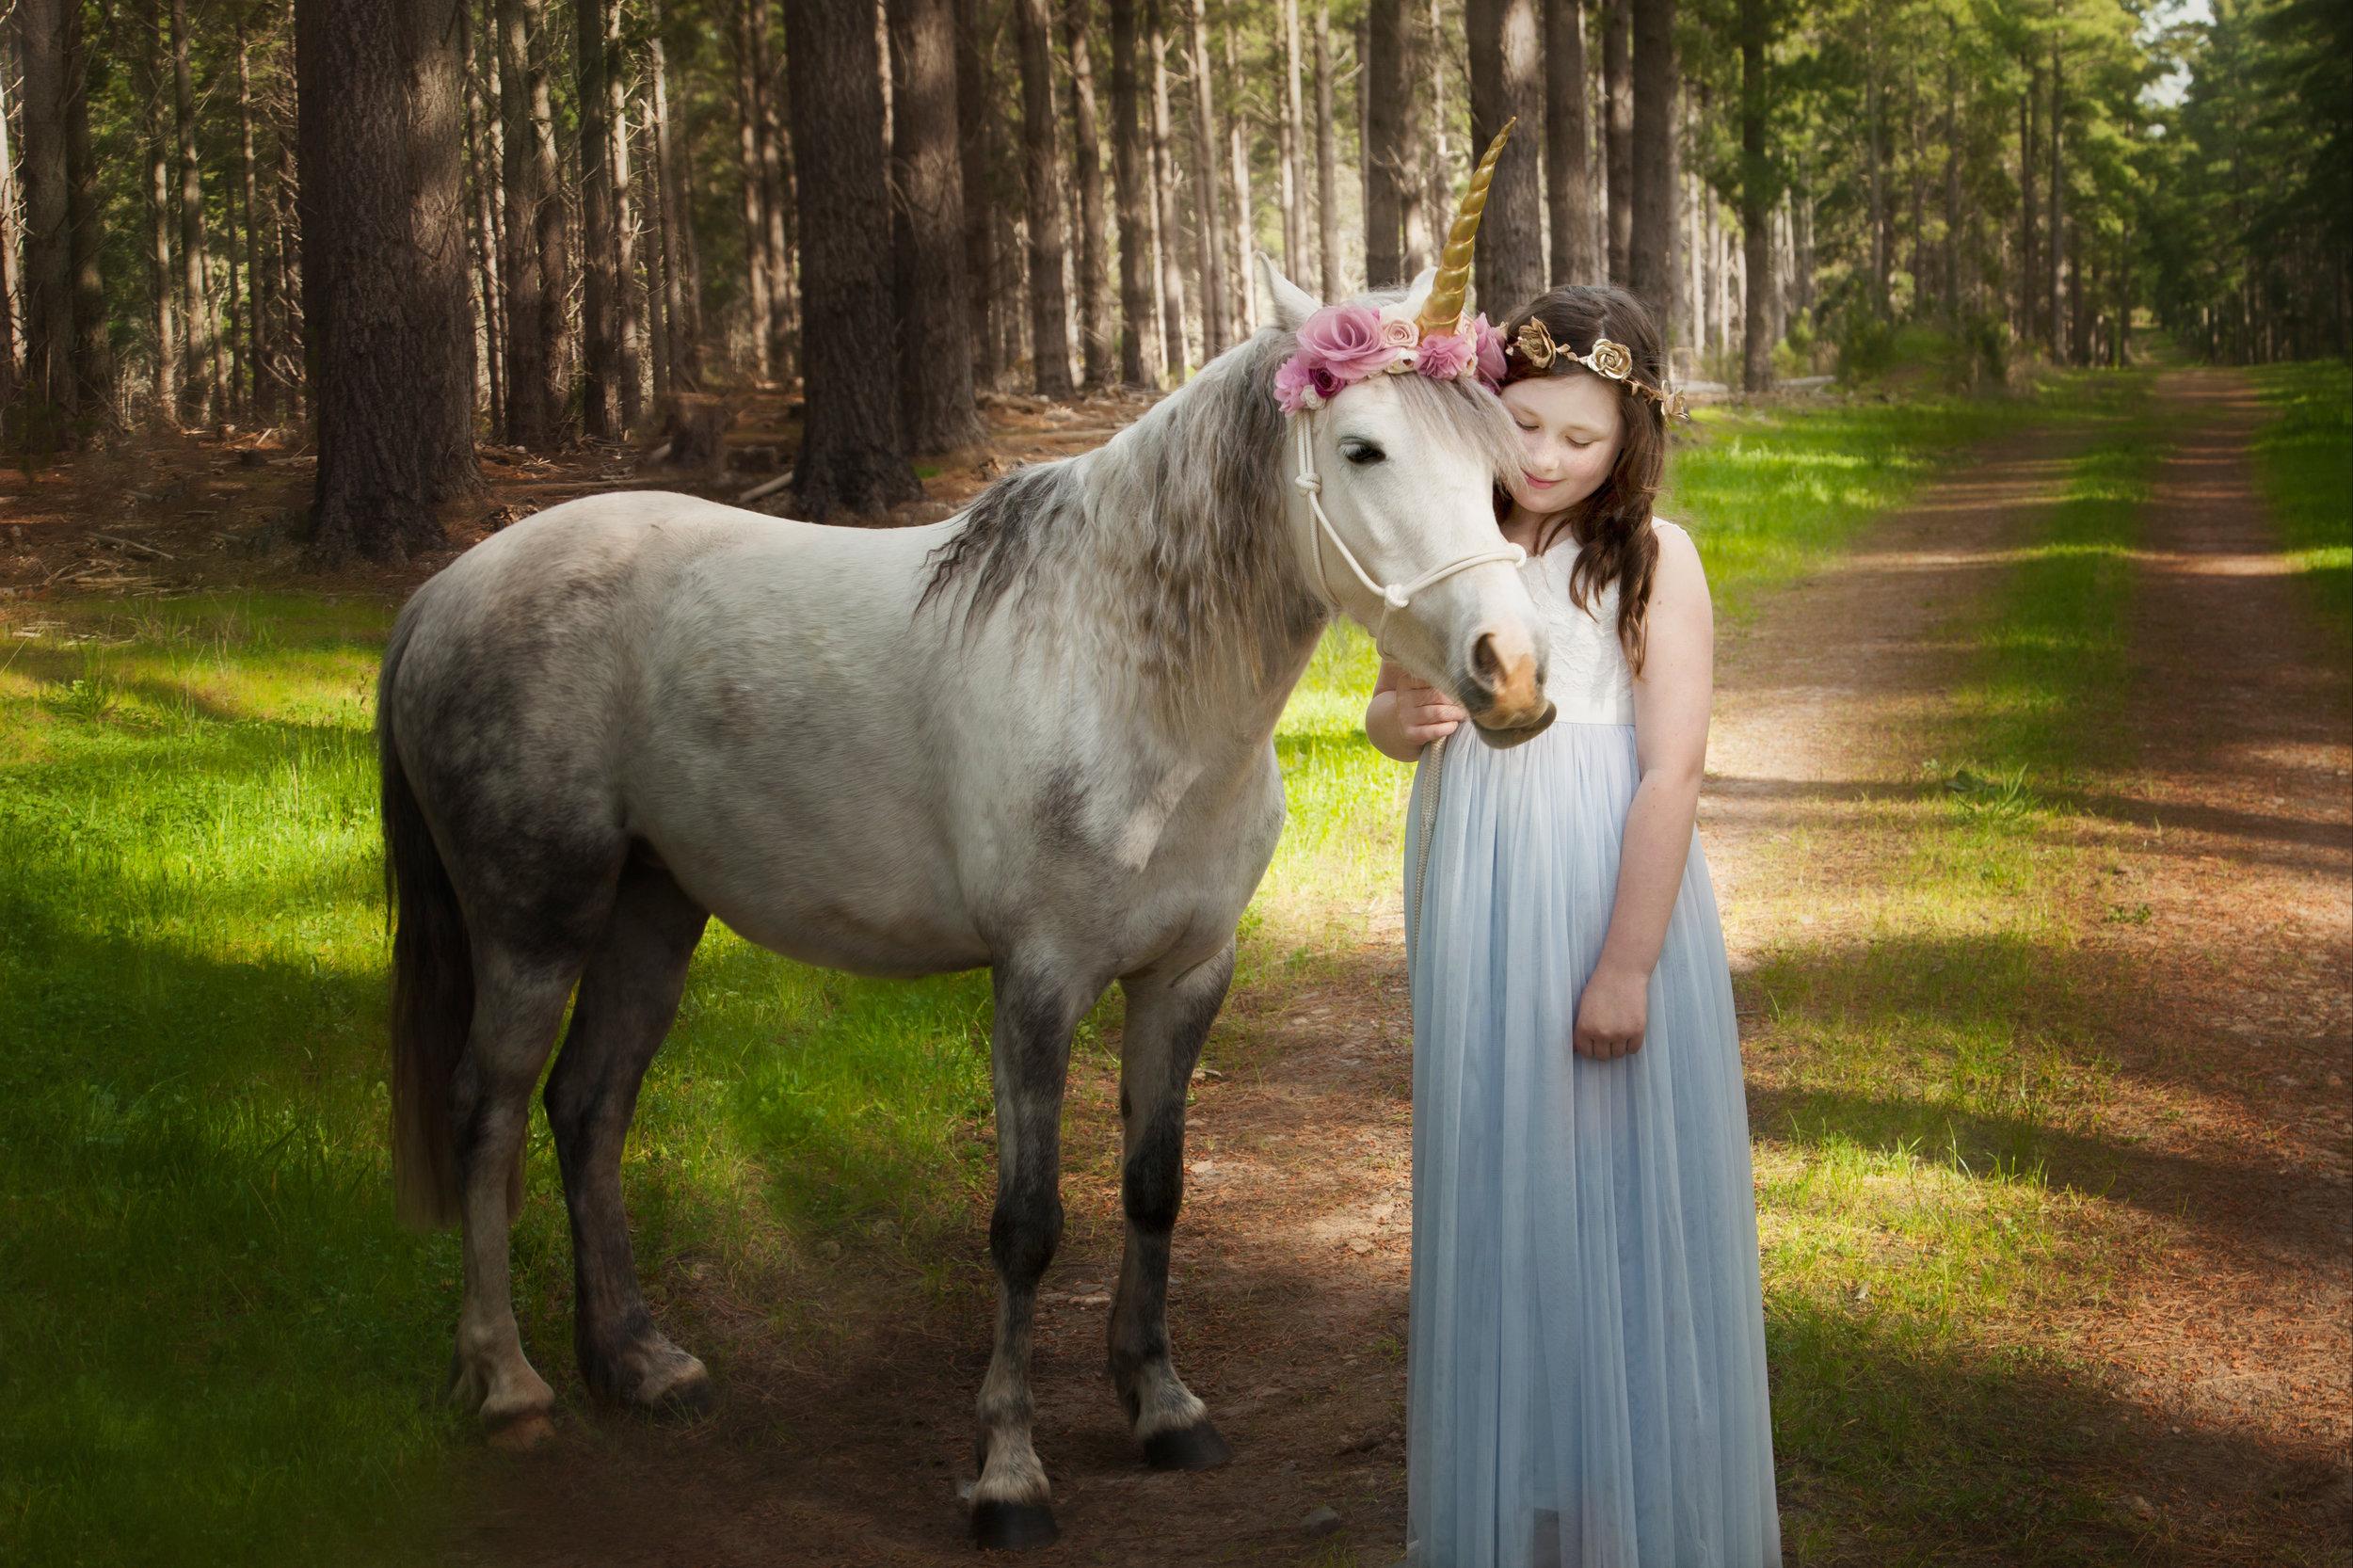 Girl with unicorn pony